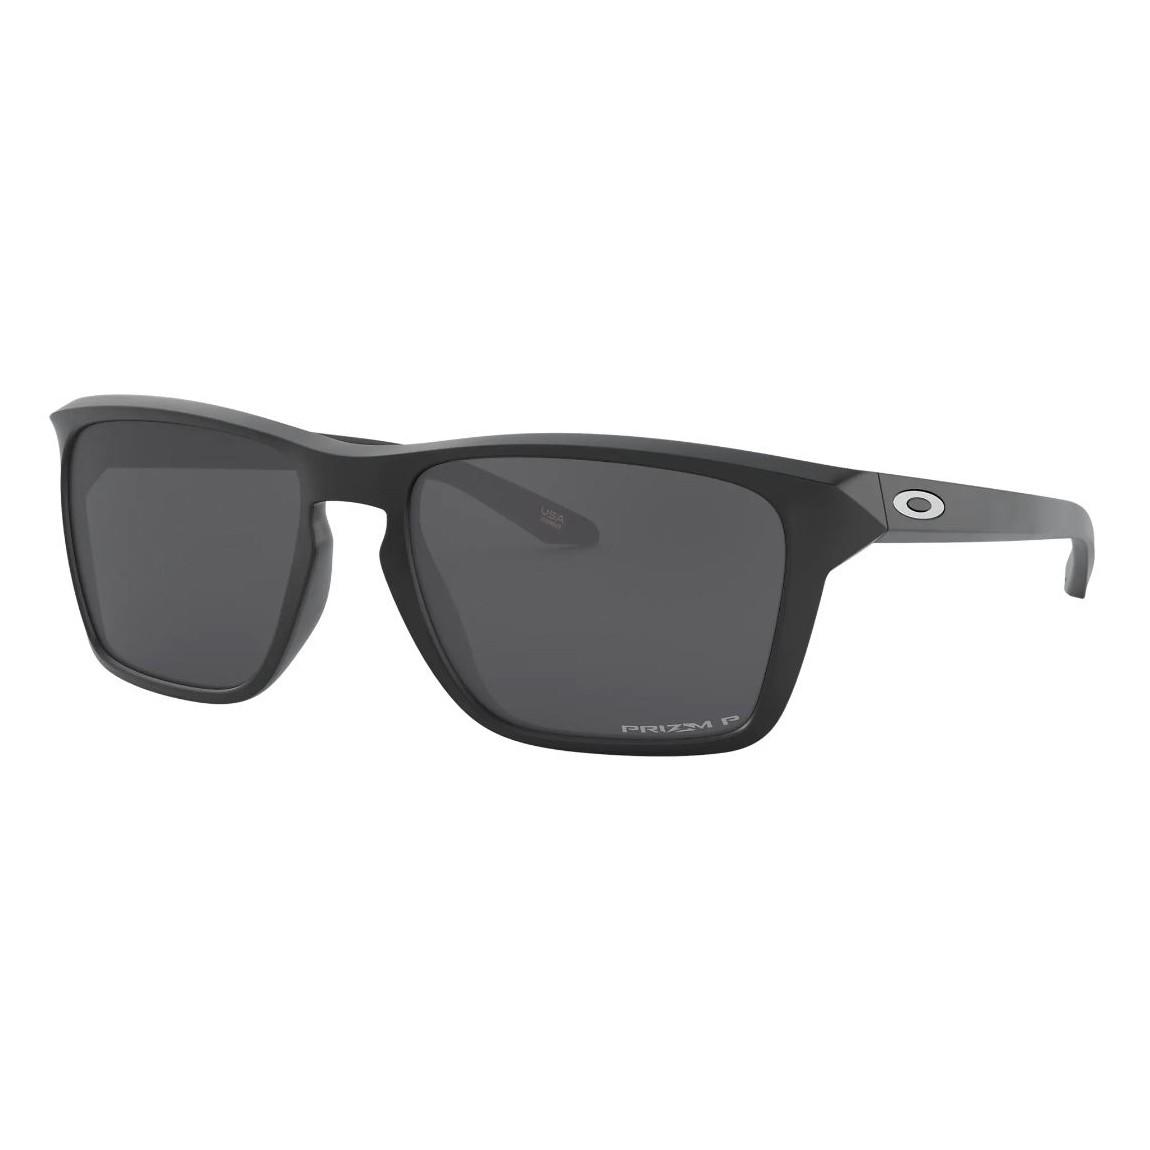 Óculos de Sol Oakley Sylar OO9448 Preto Fosco Polarizado Prizm